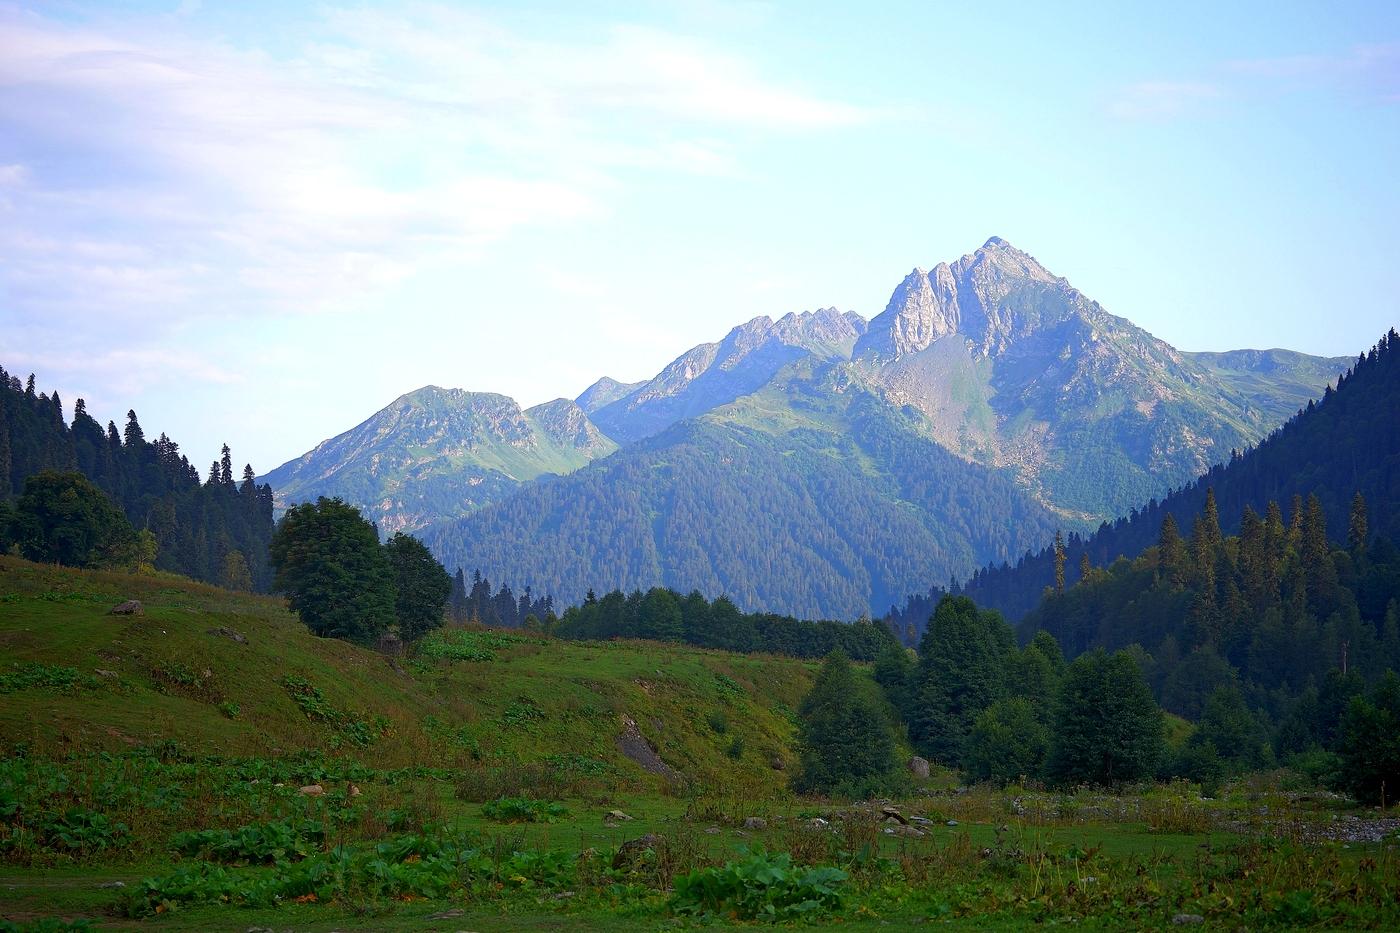 солист гора ауадхара абхазия фото митинг подошел концу